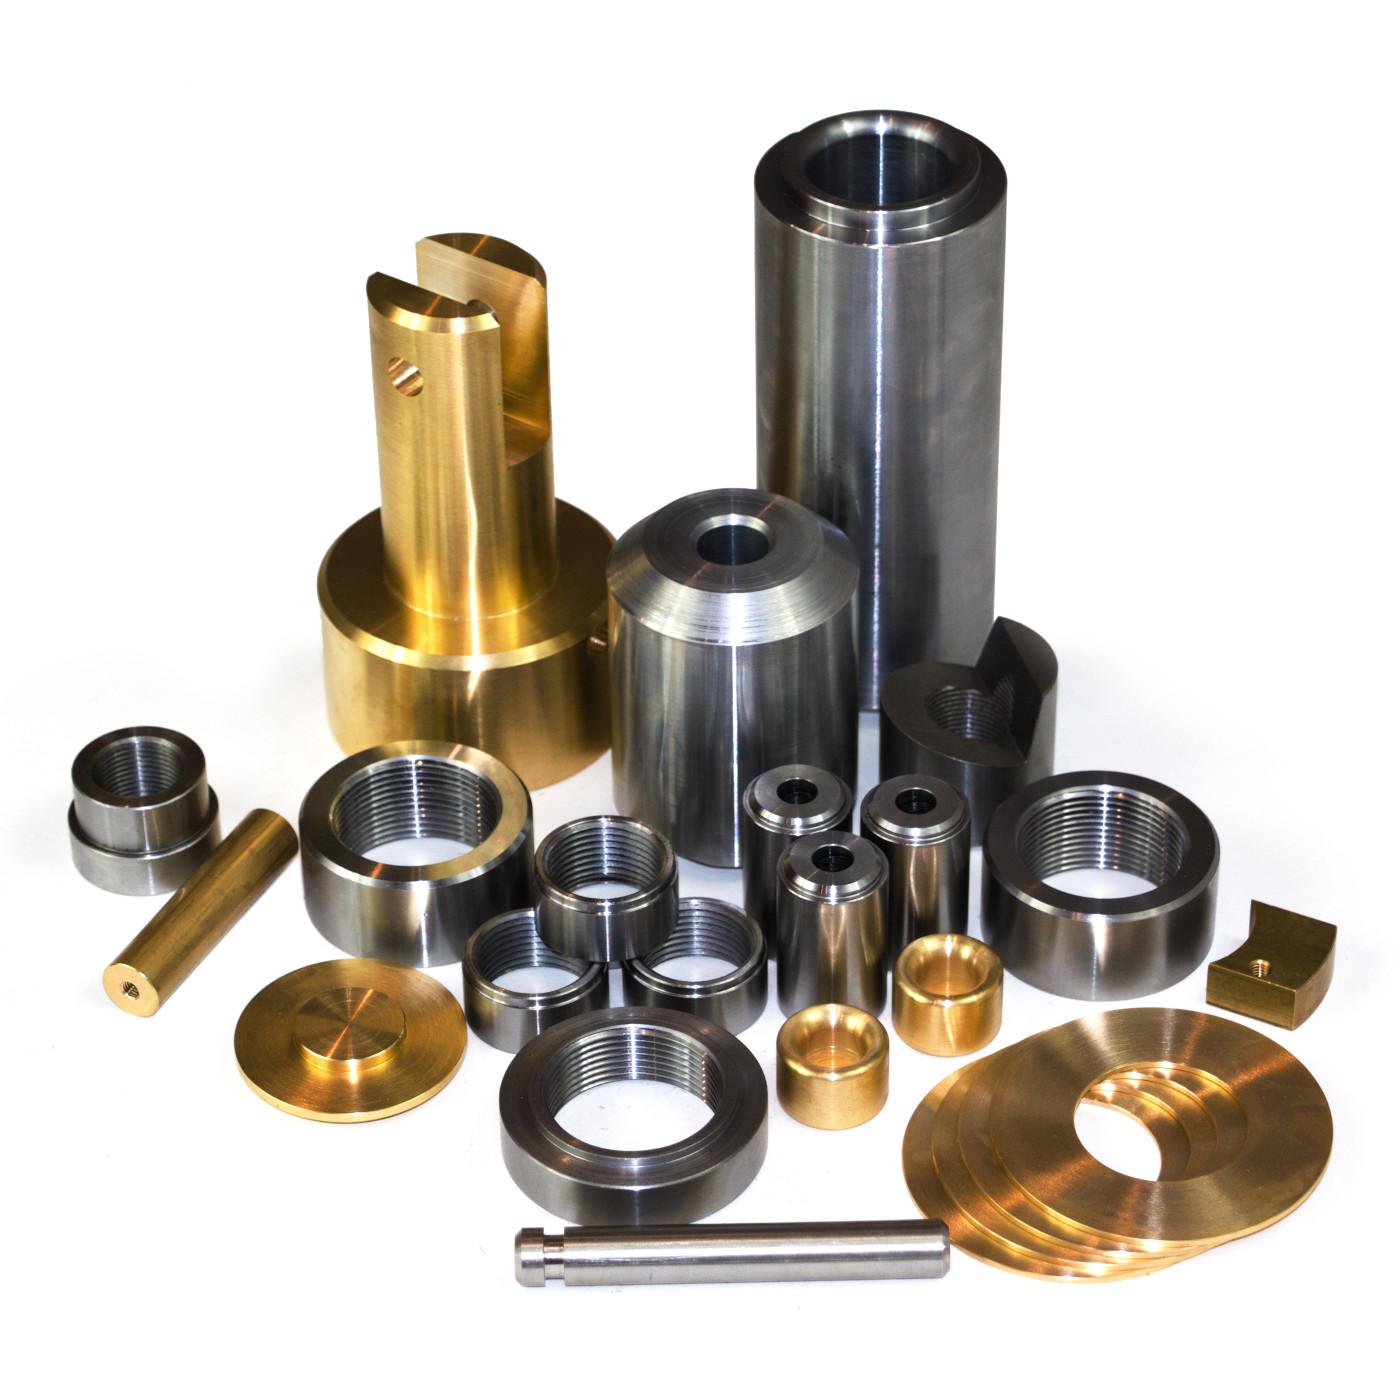 specjalne metalowe nakrętki, montowania, mocowania na zamówienie